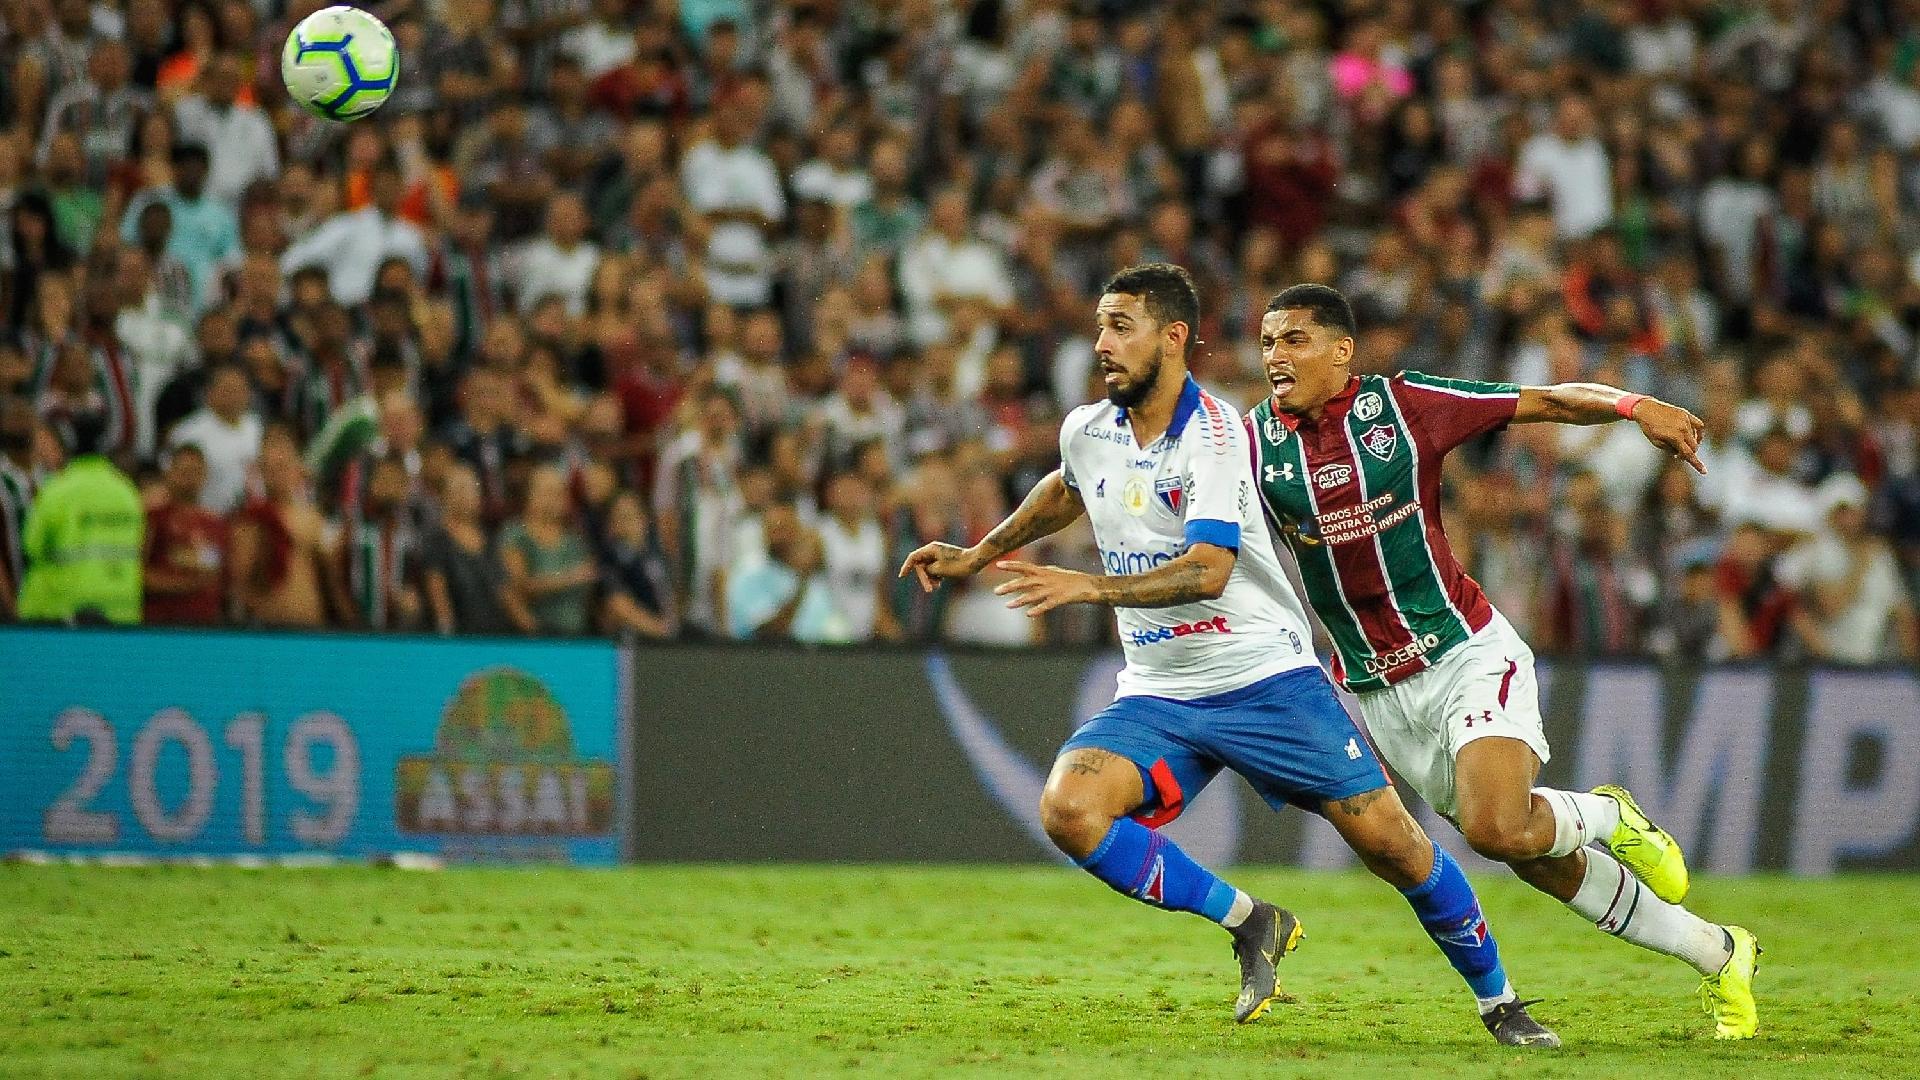 Jogadores disputam bola durante Fluminense x Fortaleza